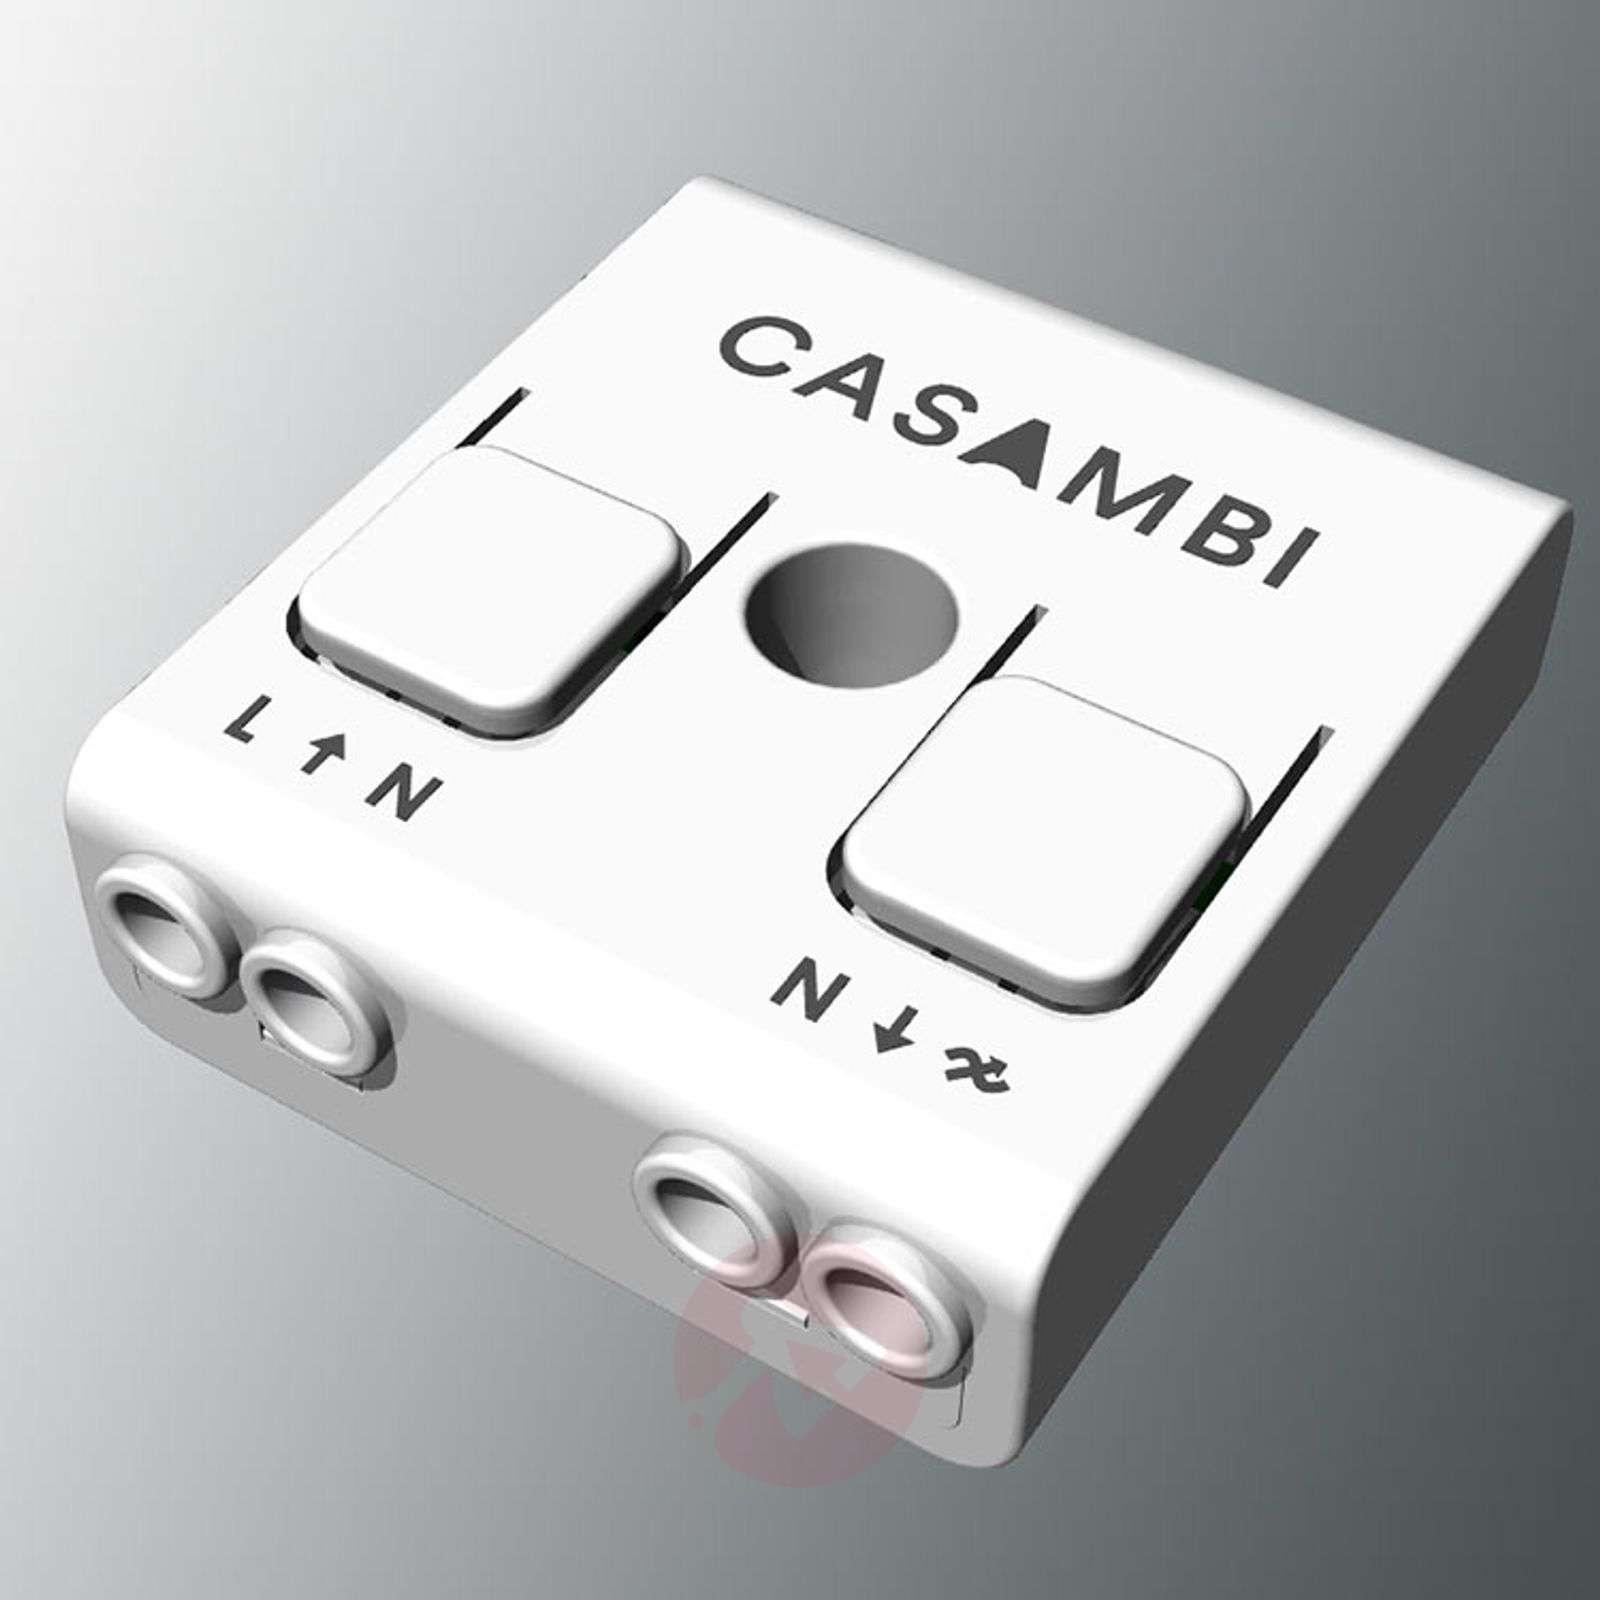 Asennussarja Casambi-sovellus, BOPP-Leuchten-1556150-02